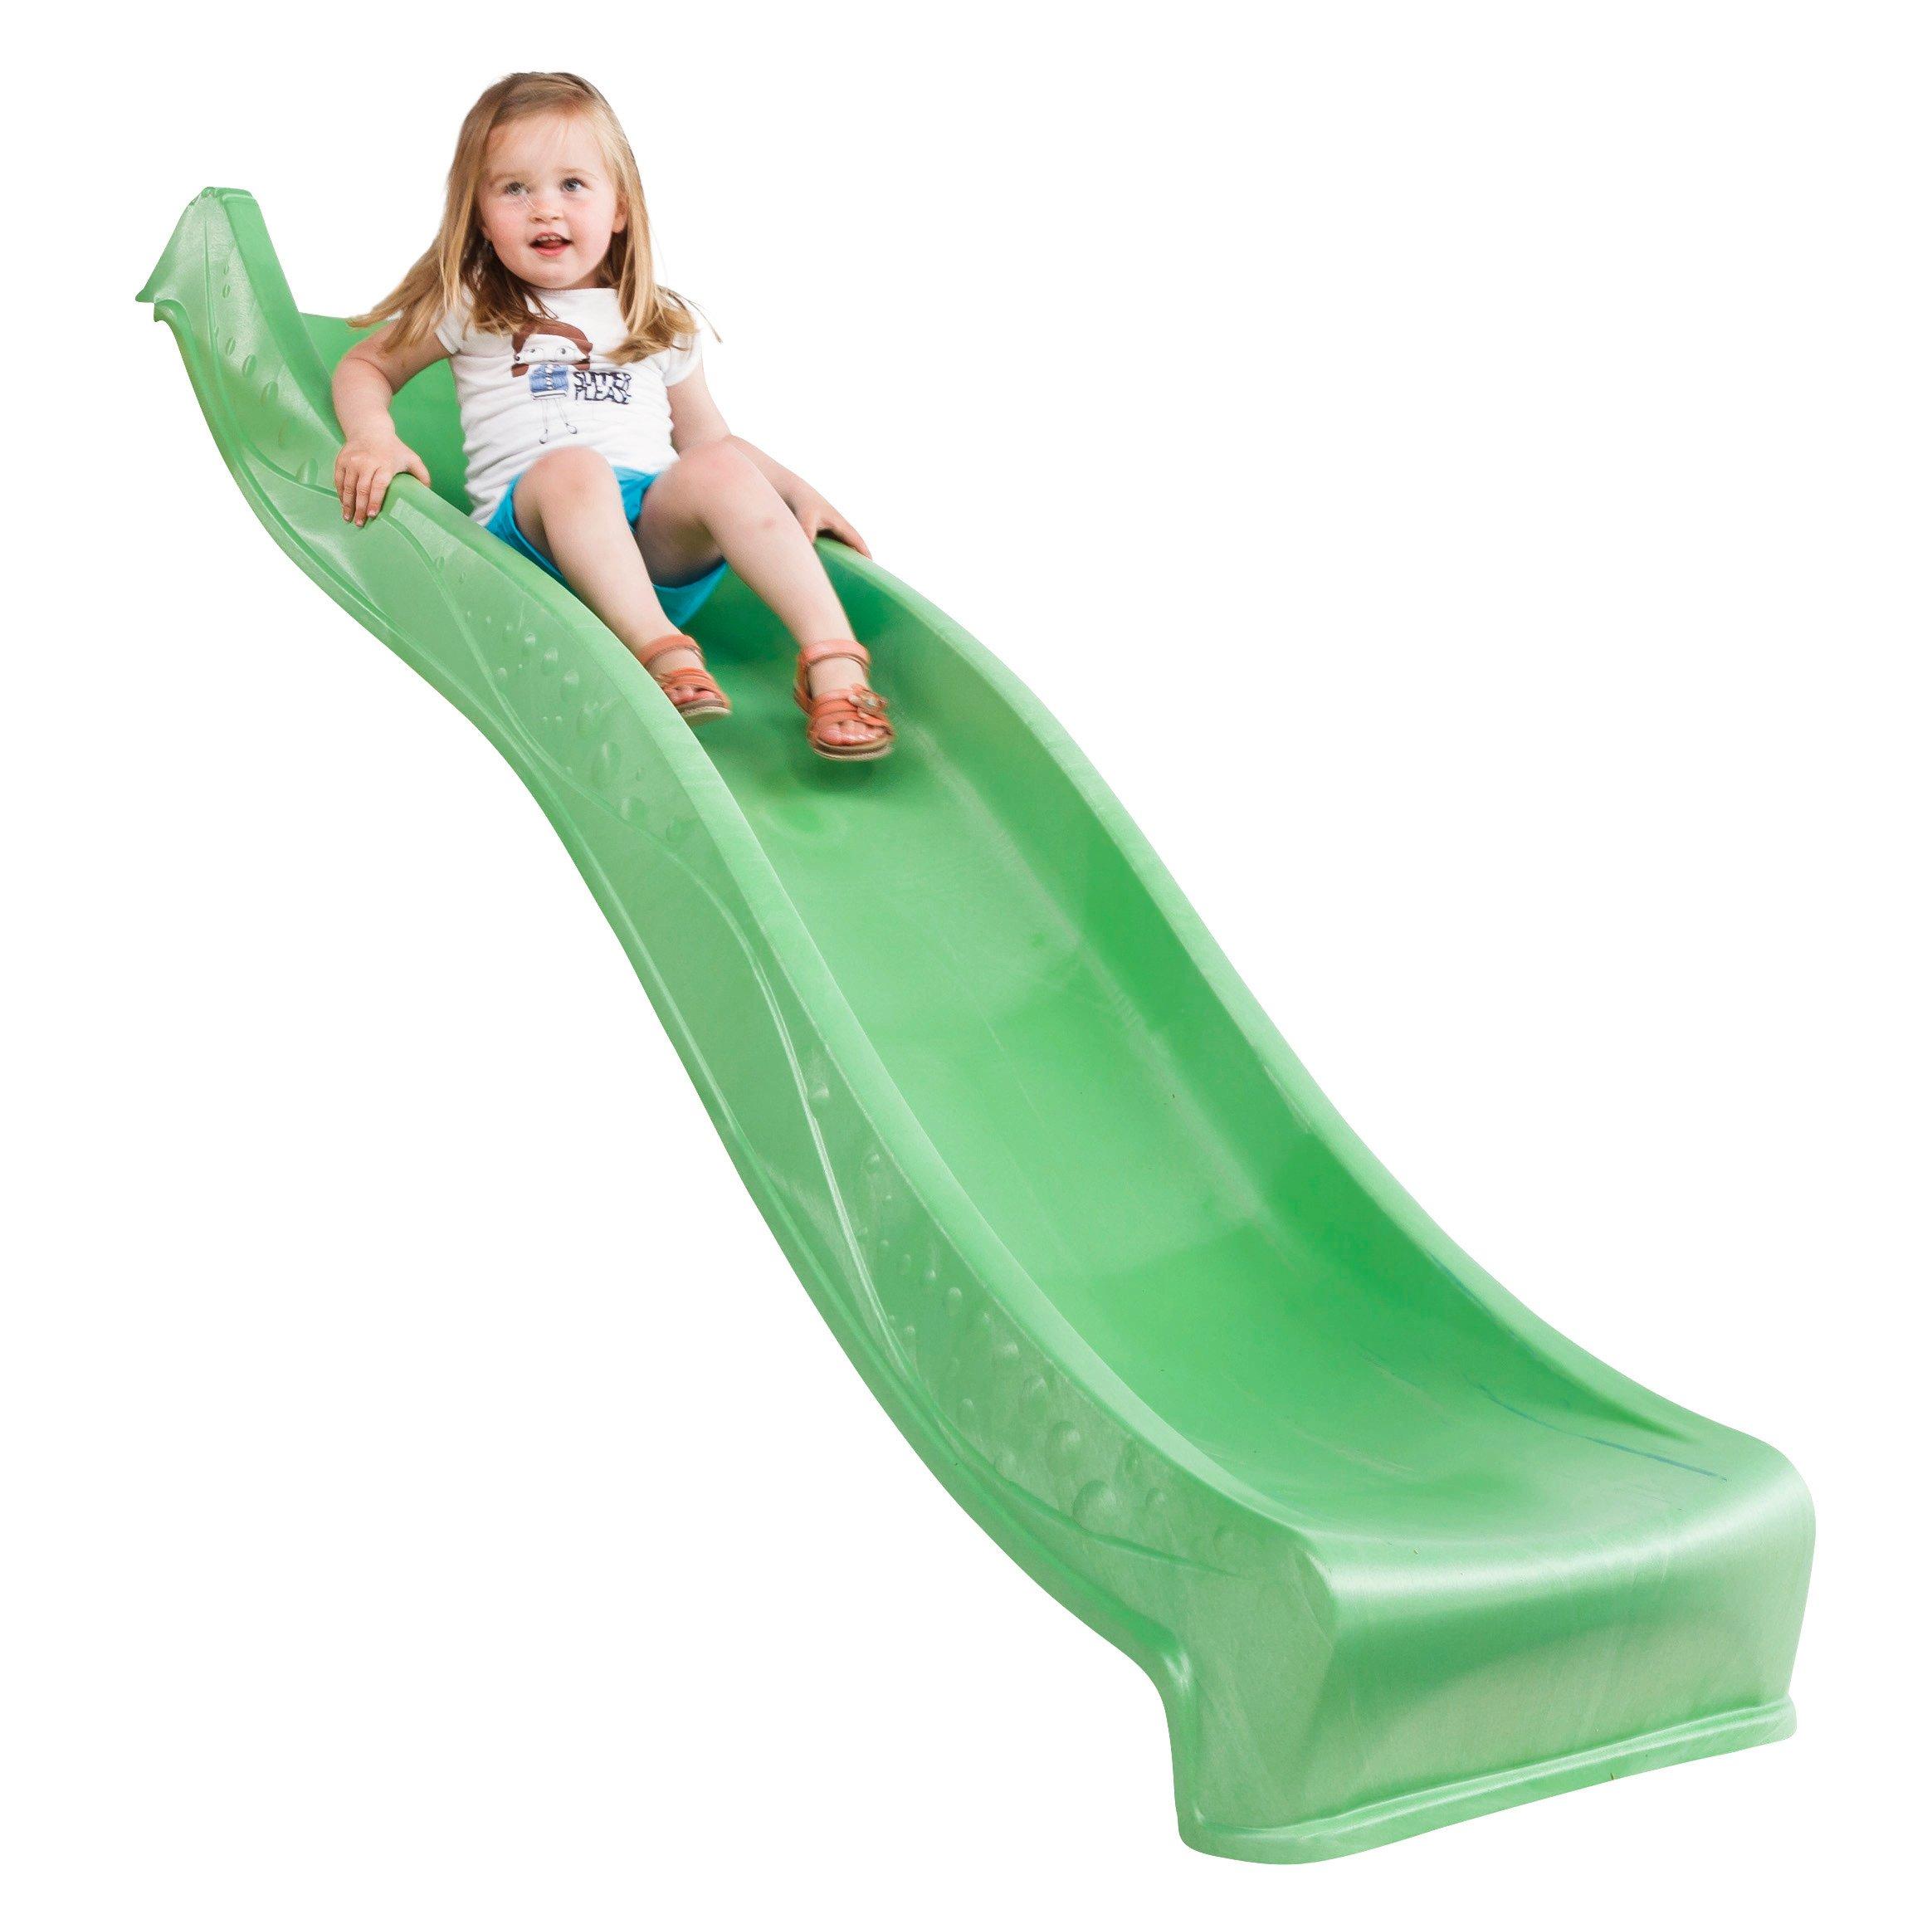 2,5M Slide Slide + Shipping v 24h